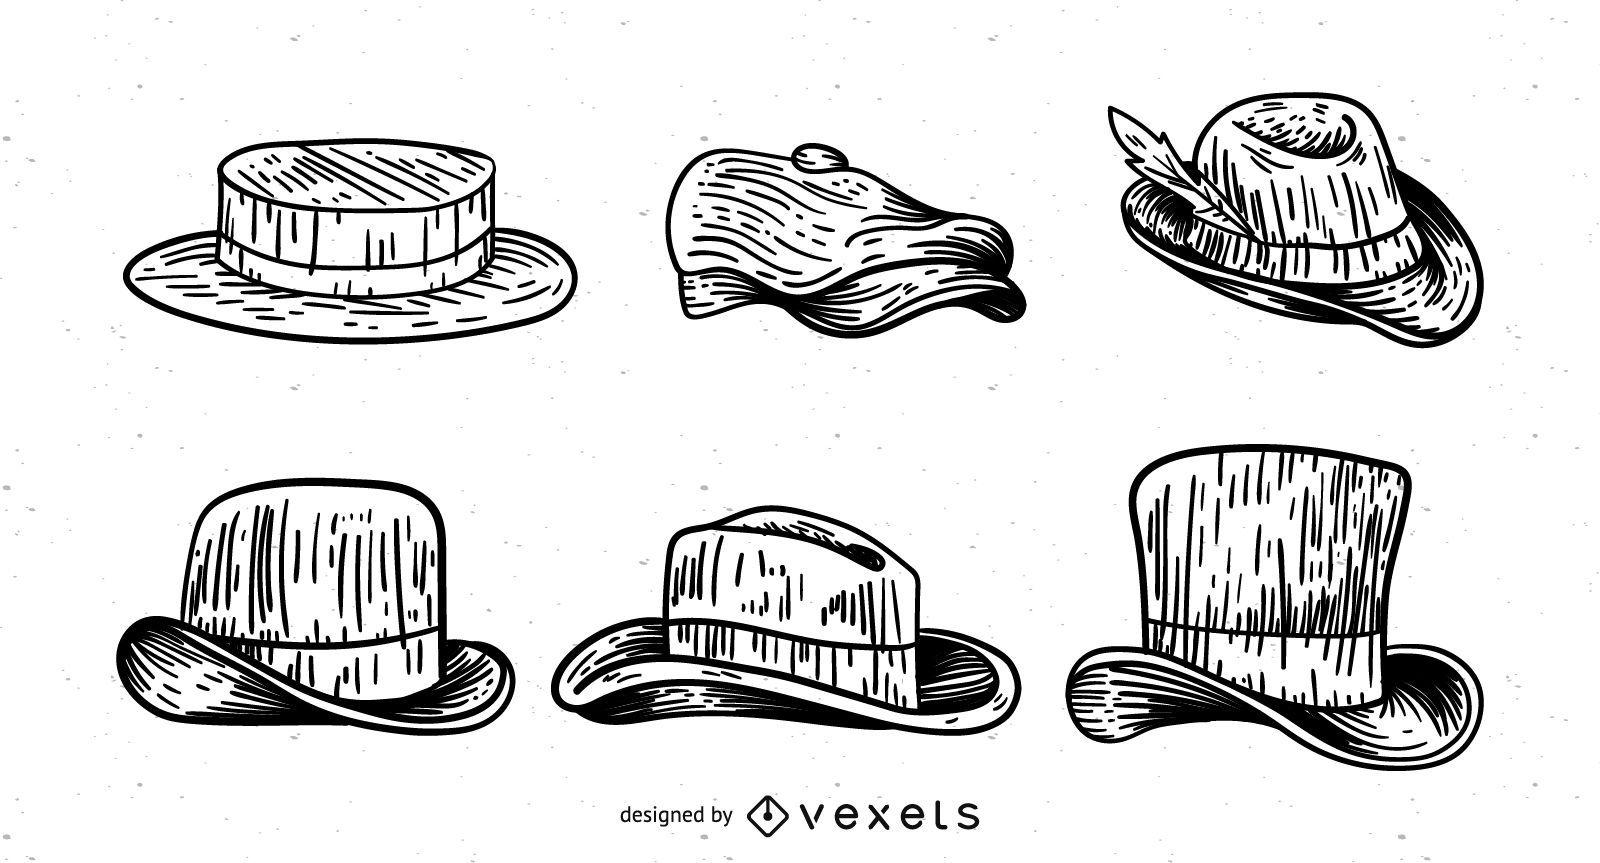 Conjunto de sombreros de hombres dibujados a mano - Descargar vector 26a9722321e